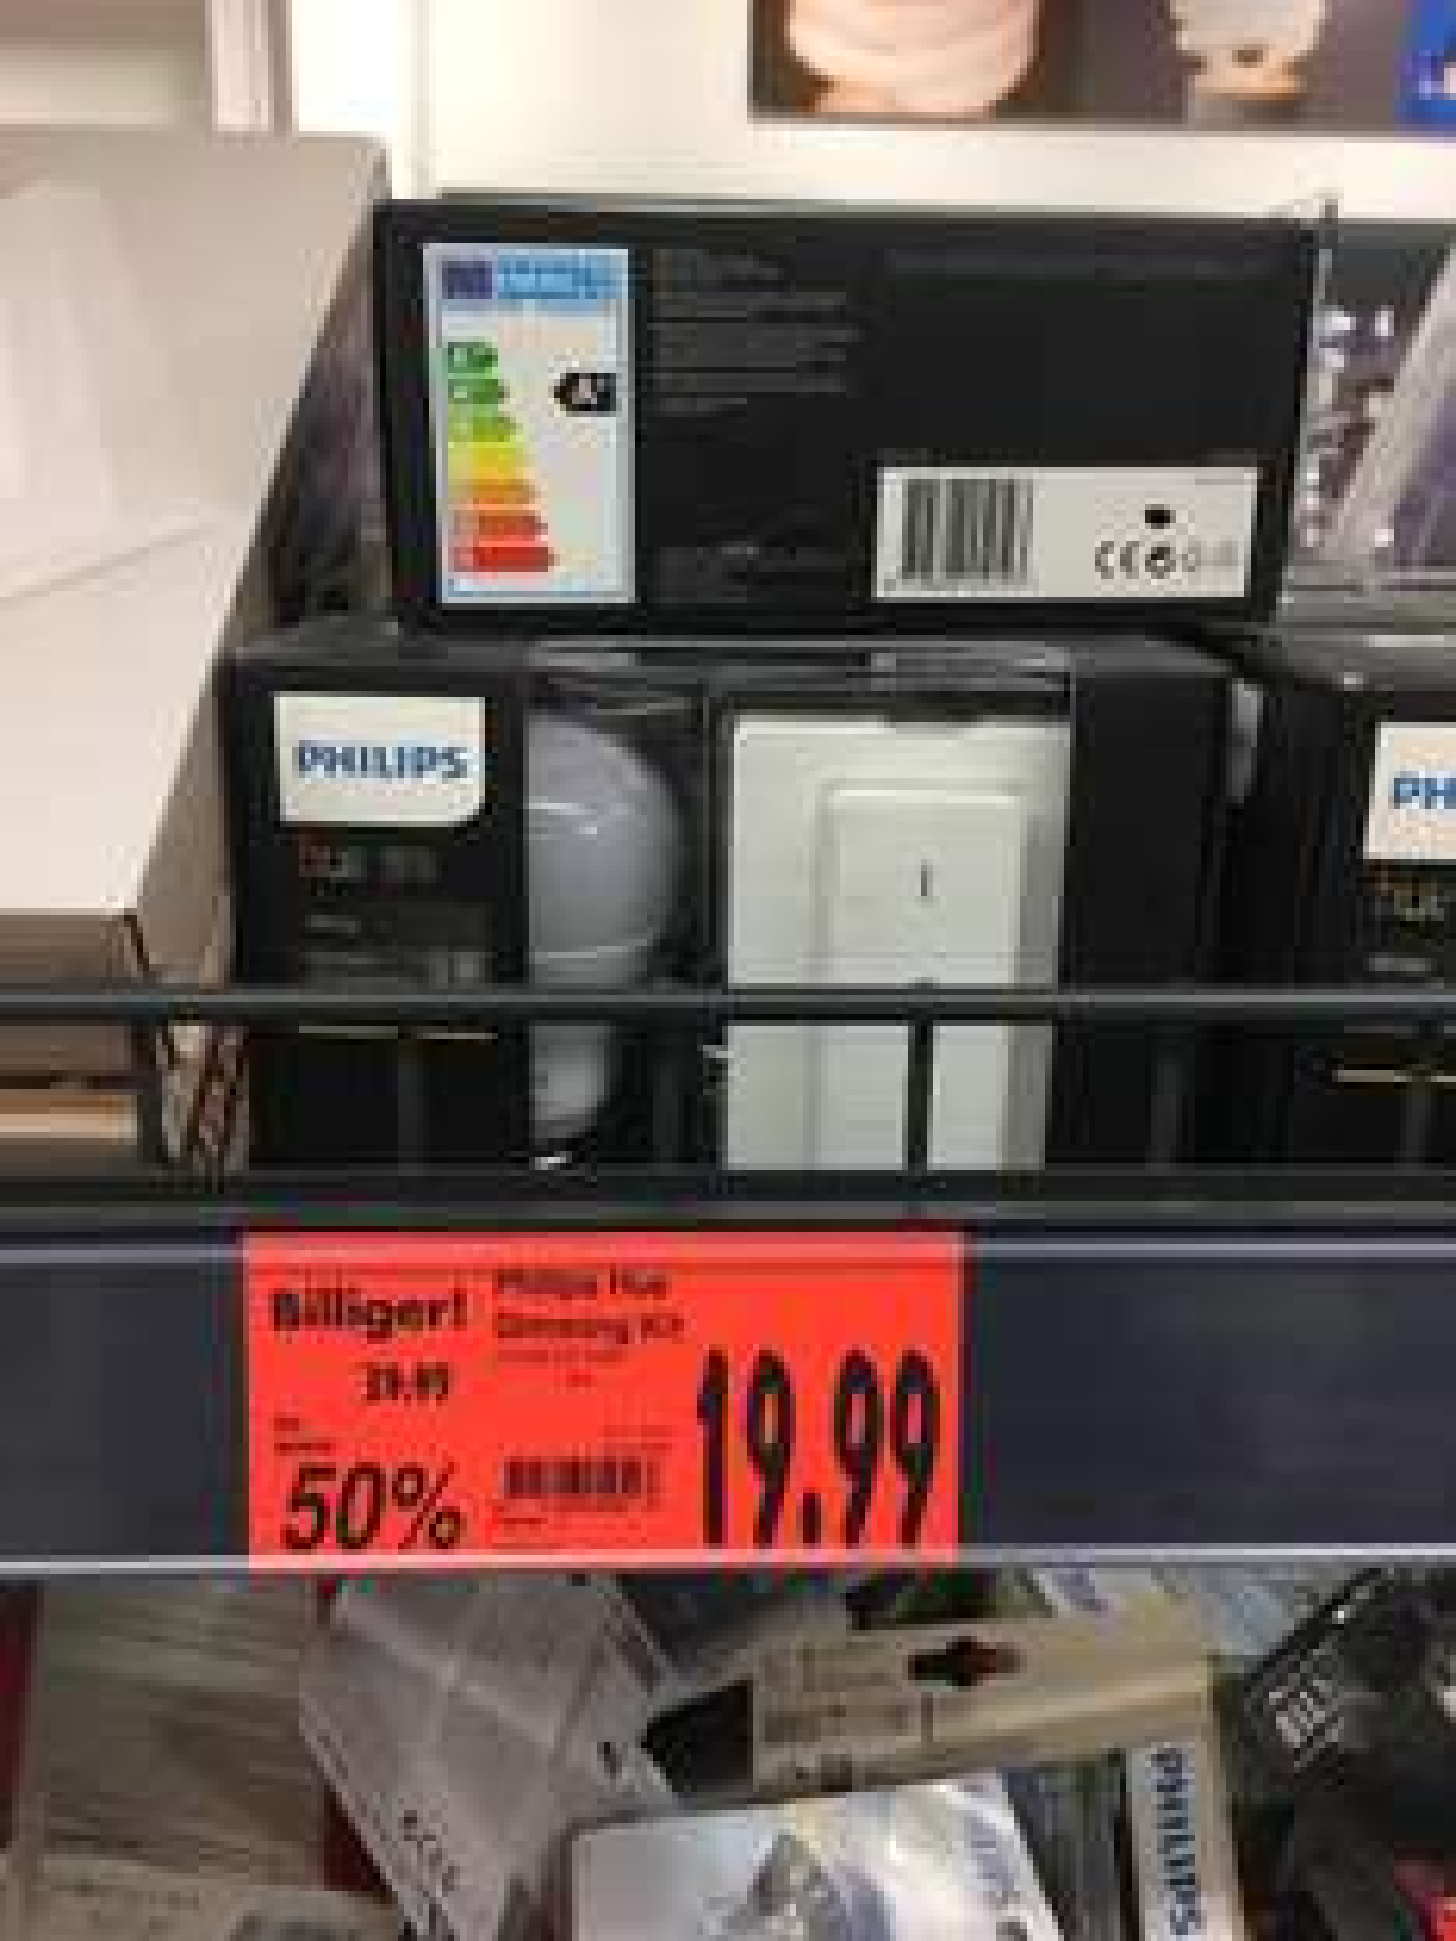 Philips Hue Dimming light kit kaufland Heilbronn 19,99€